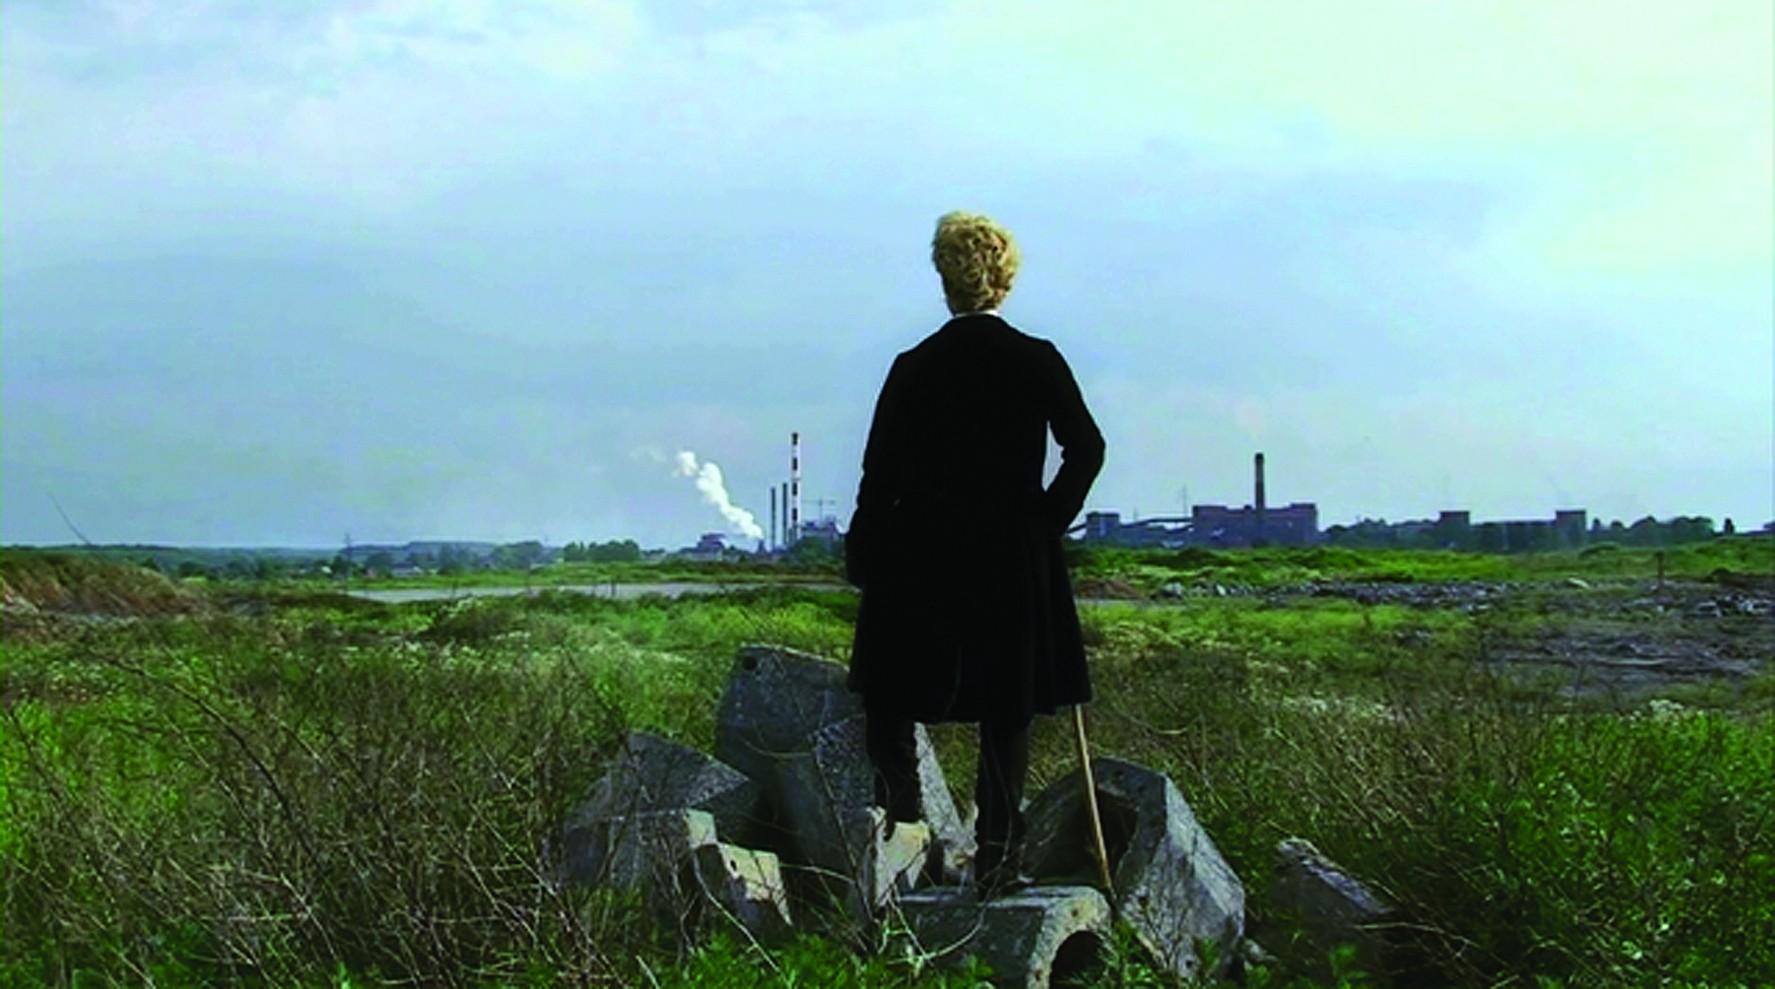 Laura Pawela, Bez tytułu (Friedrich), 2008, kadr z filmu, Muzeum Współczesne Wrocław (źródło: materiały prasowe organizatora)